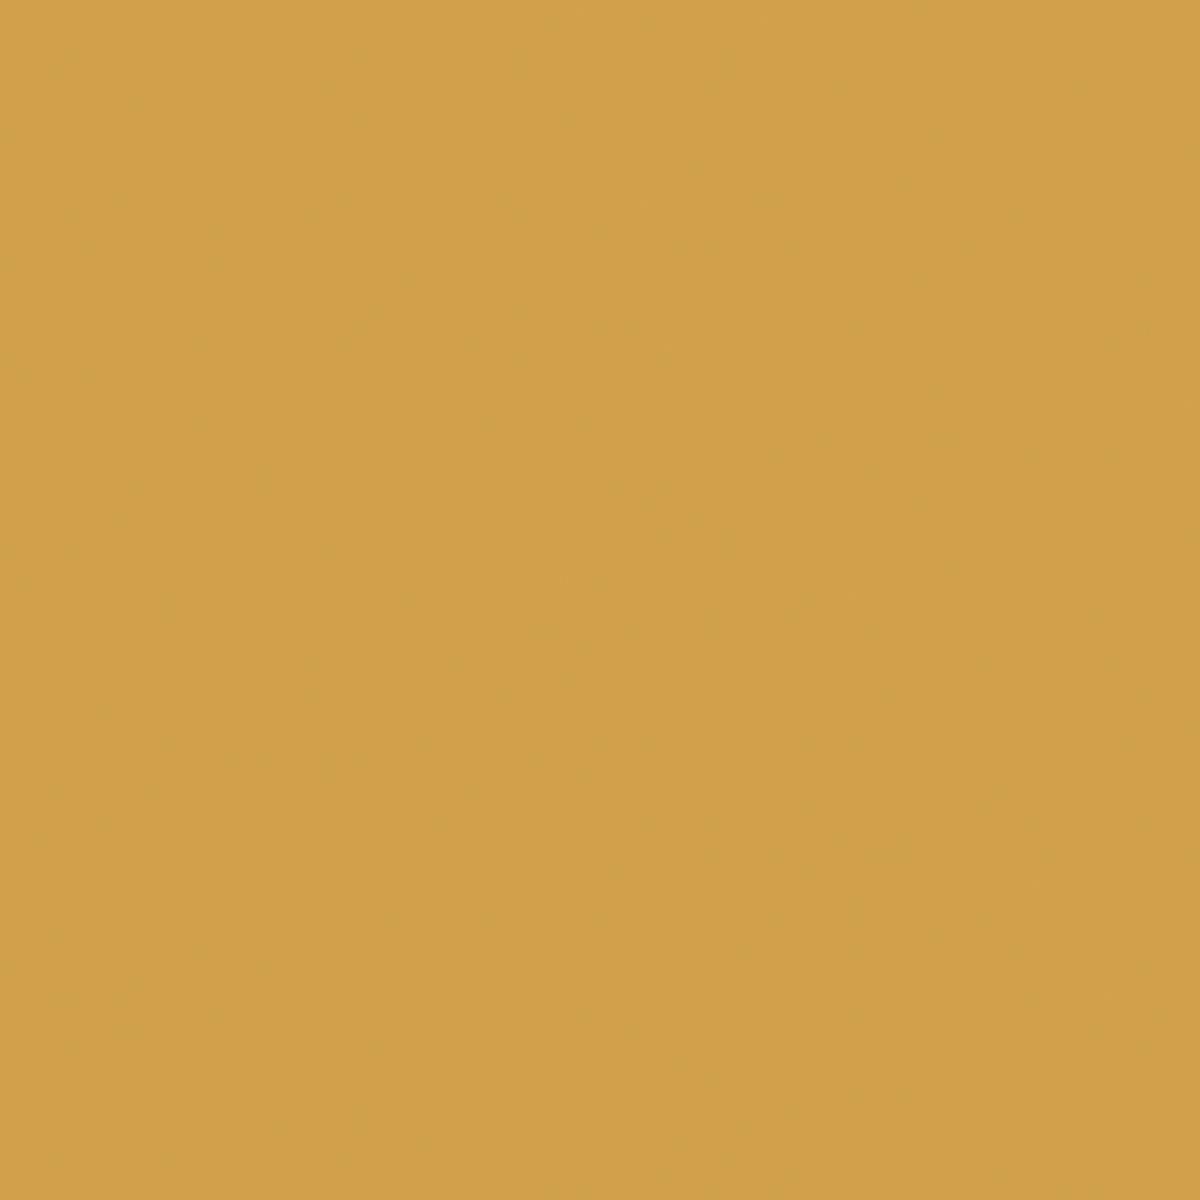 Салфетки бумажные Duni, 3 слоя, 24 х 24 см, 250 шт161383Трехслойные бумажные салфетки изготовлены из экологически чистого, высококачественного сырья - 100% целлюлозы. Салфетки выполнены в оригинальном и современном стиле, прекрасно сочетаются с любым интерьером и всегда будут прекрасным и незаменимым украшением стола.